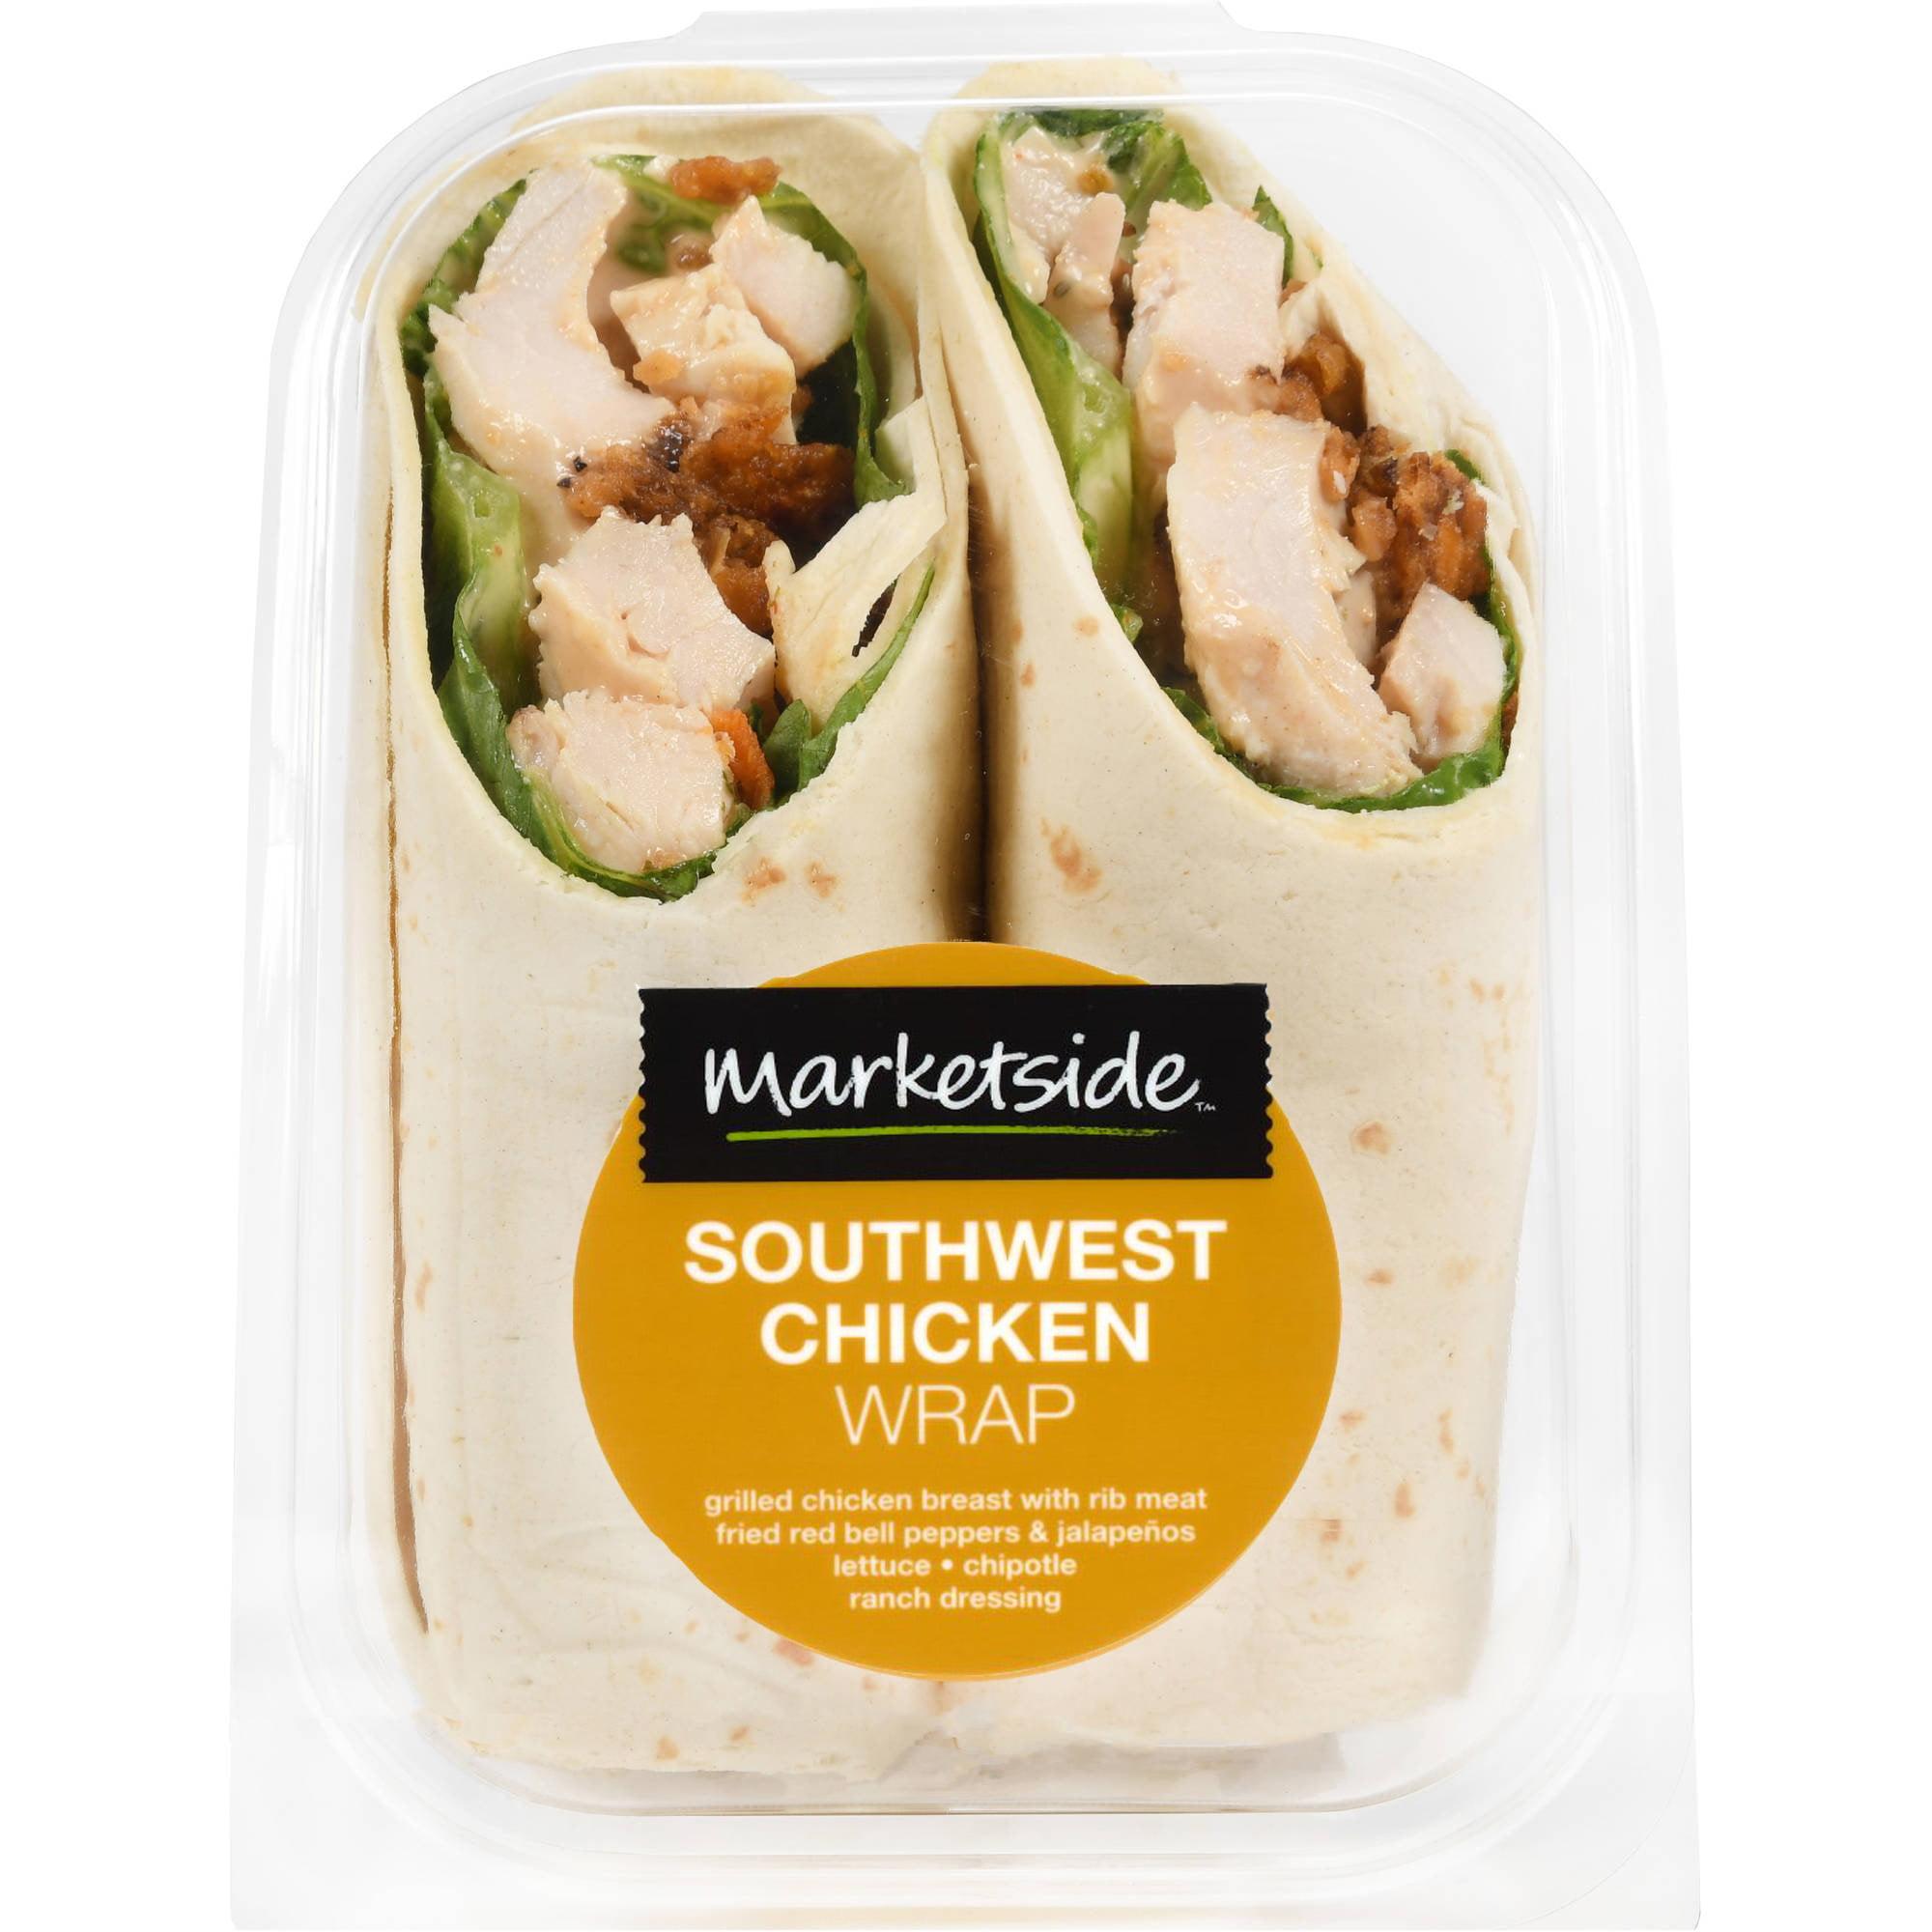 Marketside Southwest Chicken Wrap